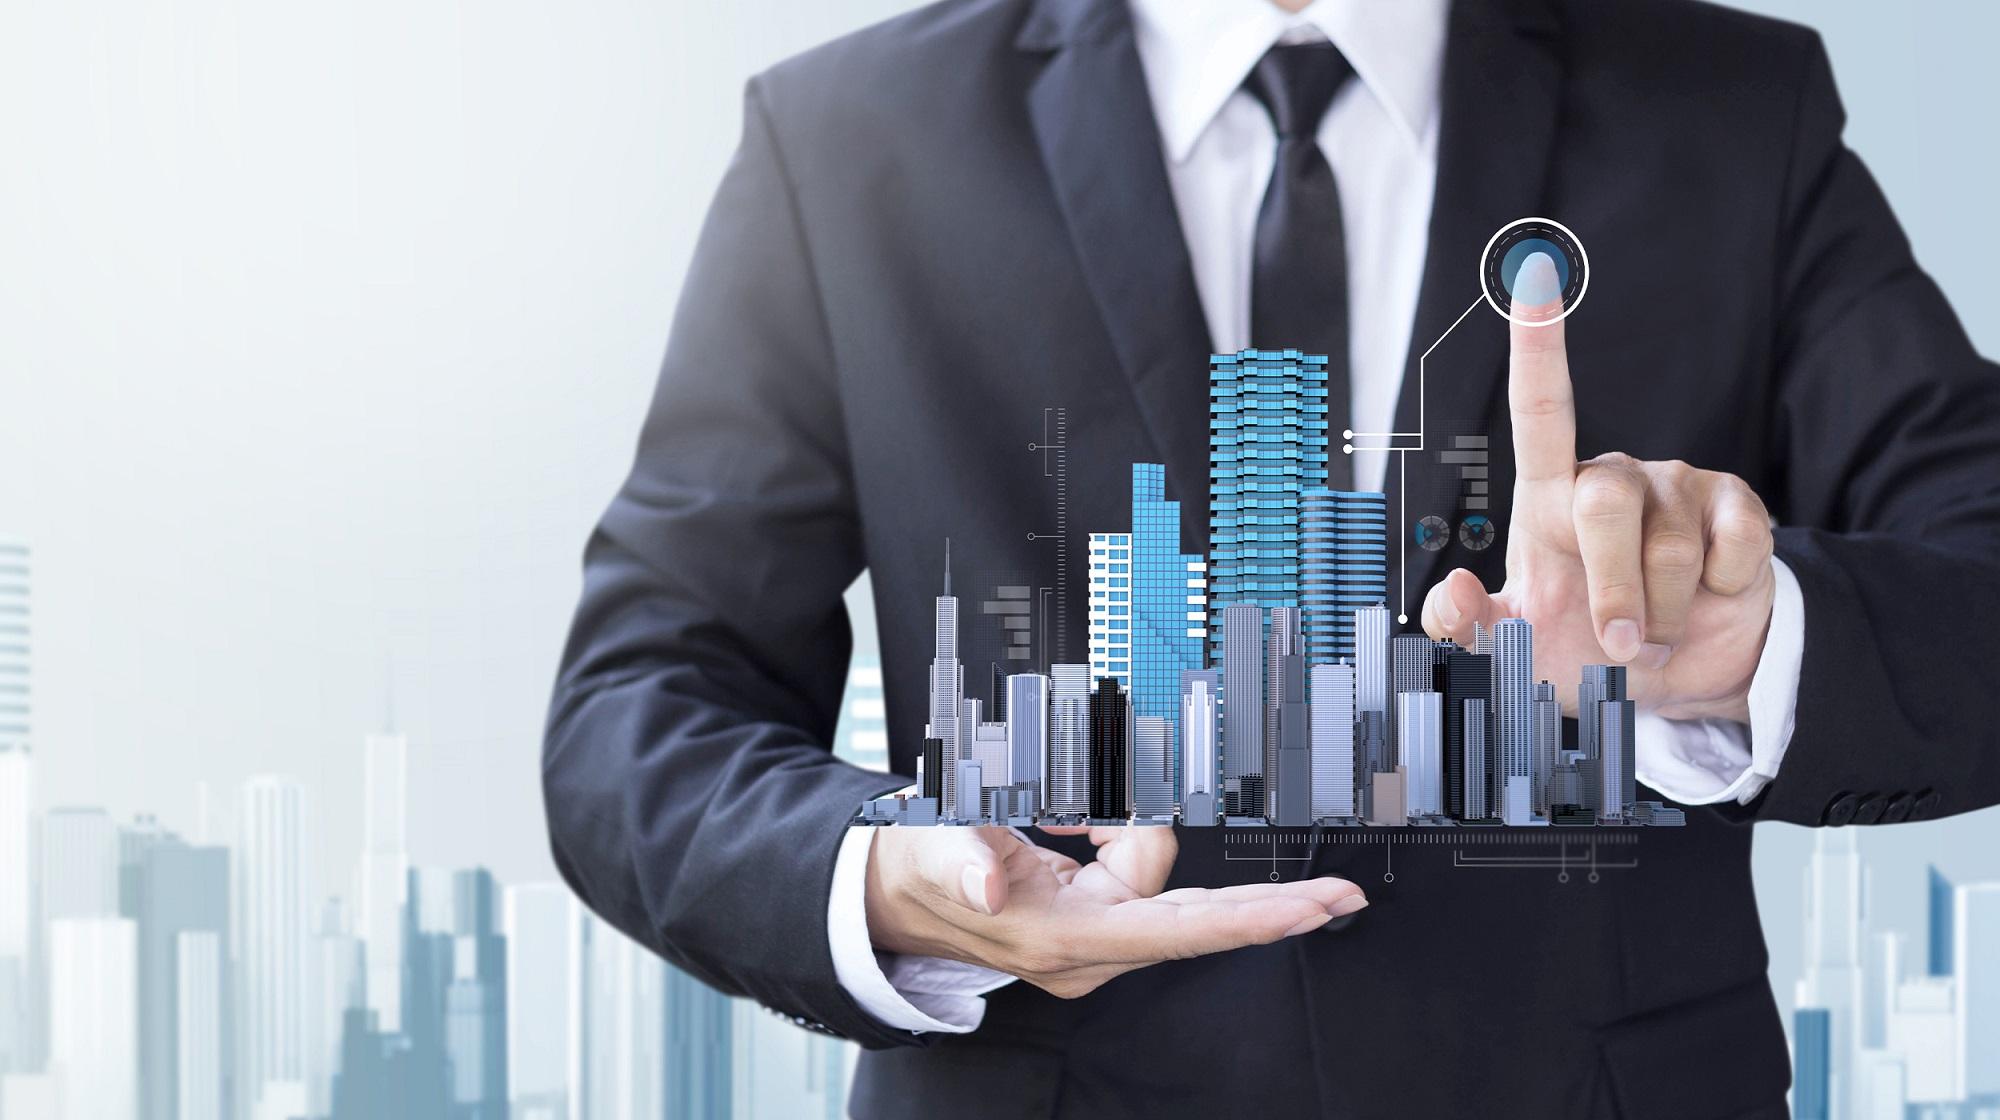 Kỹ năng đầu tư bất động sản đỉnh cao - Mô hình thuê và cho thuê lại bất động sản